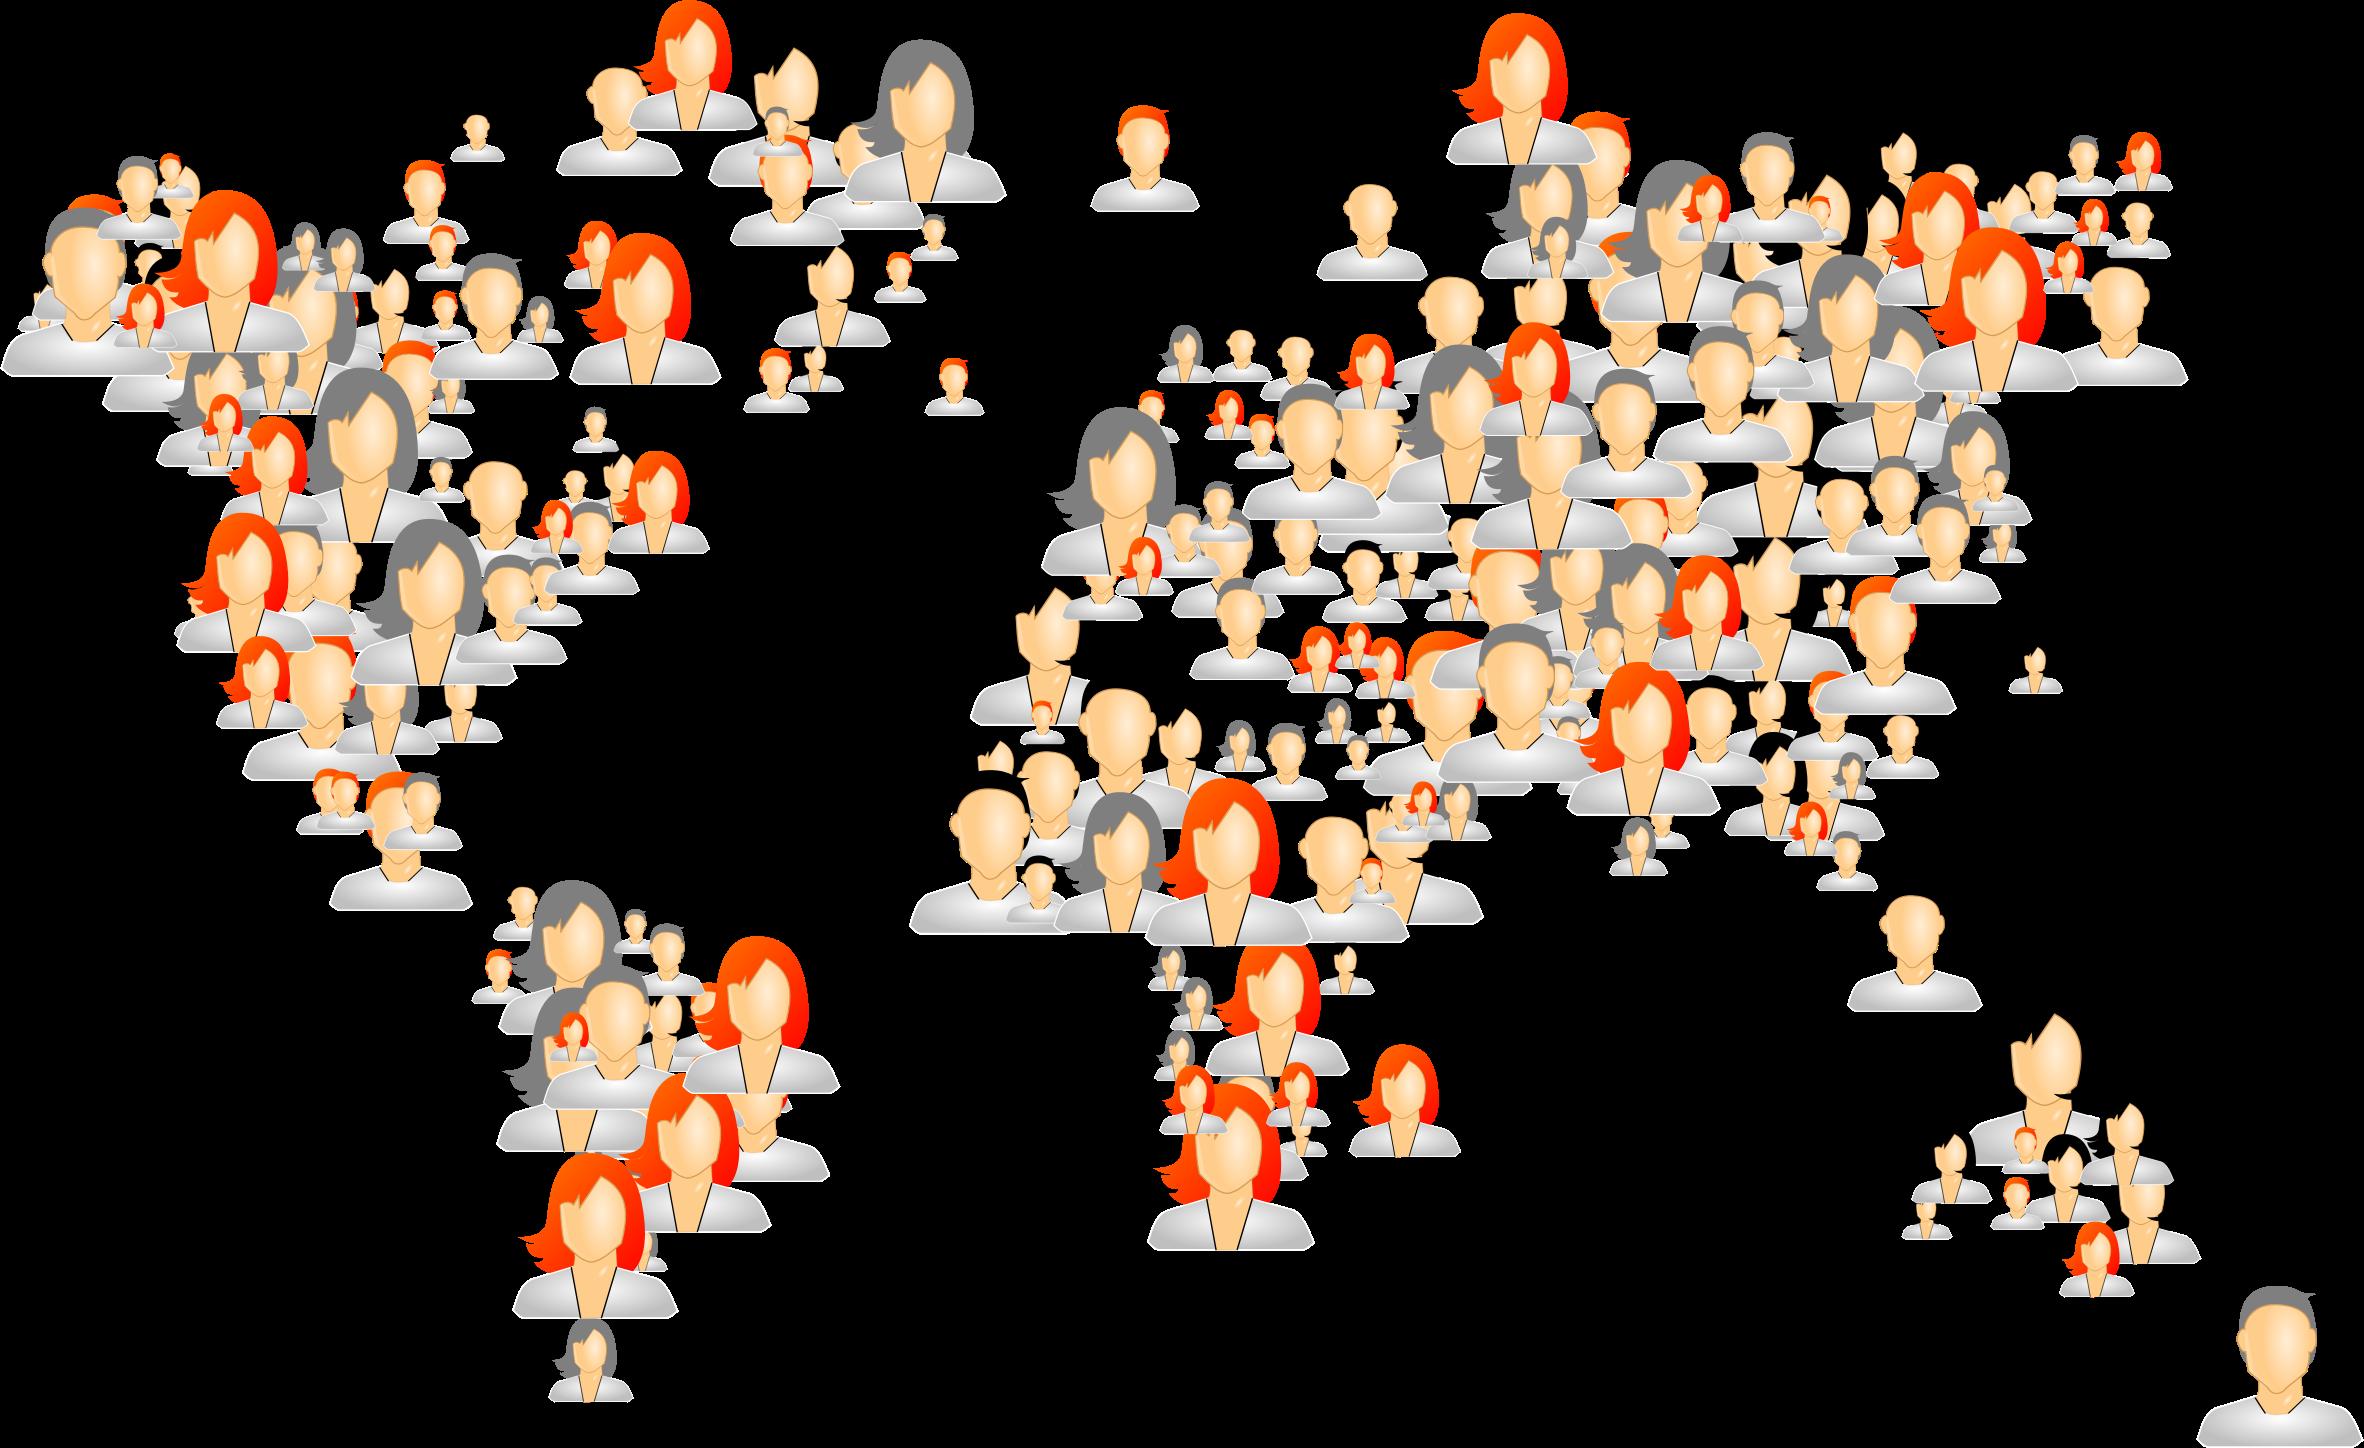 Clipart world celebration. Avatars map big image